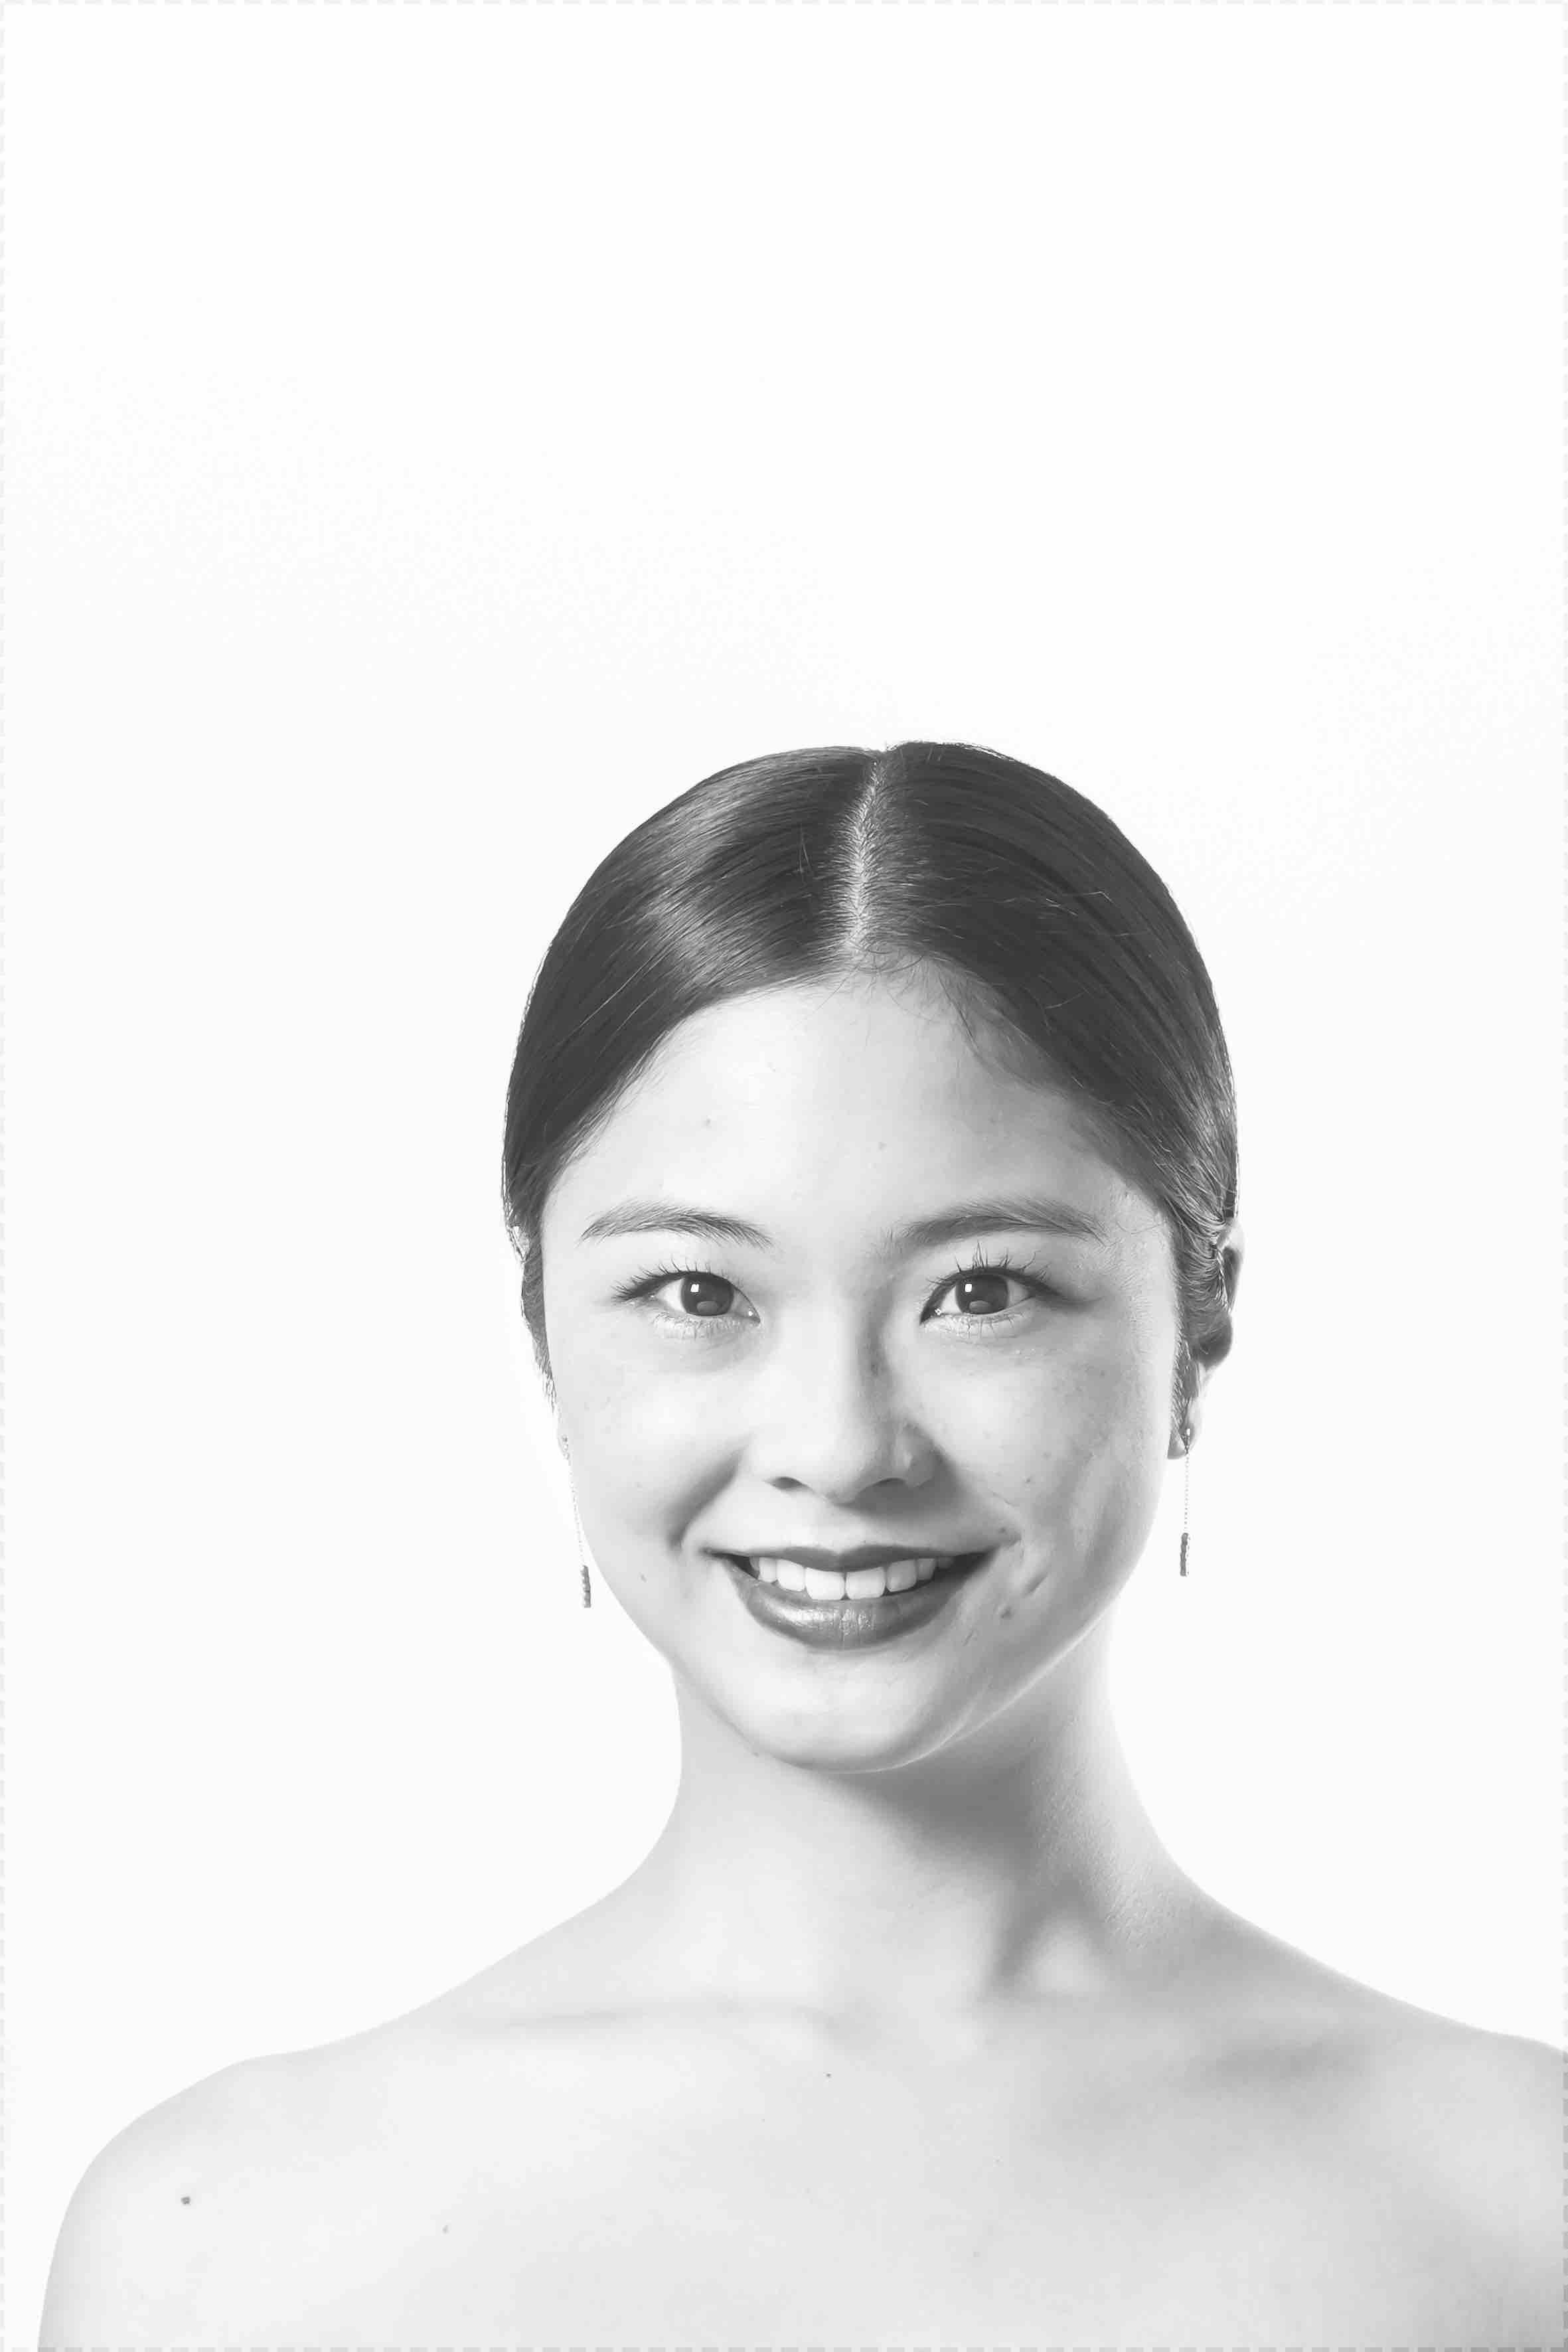 Akane Ichii